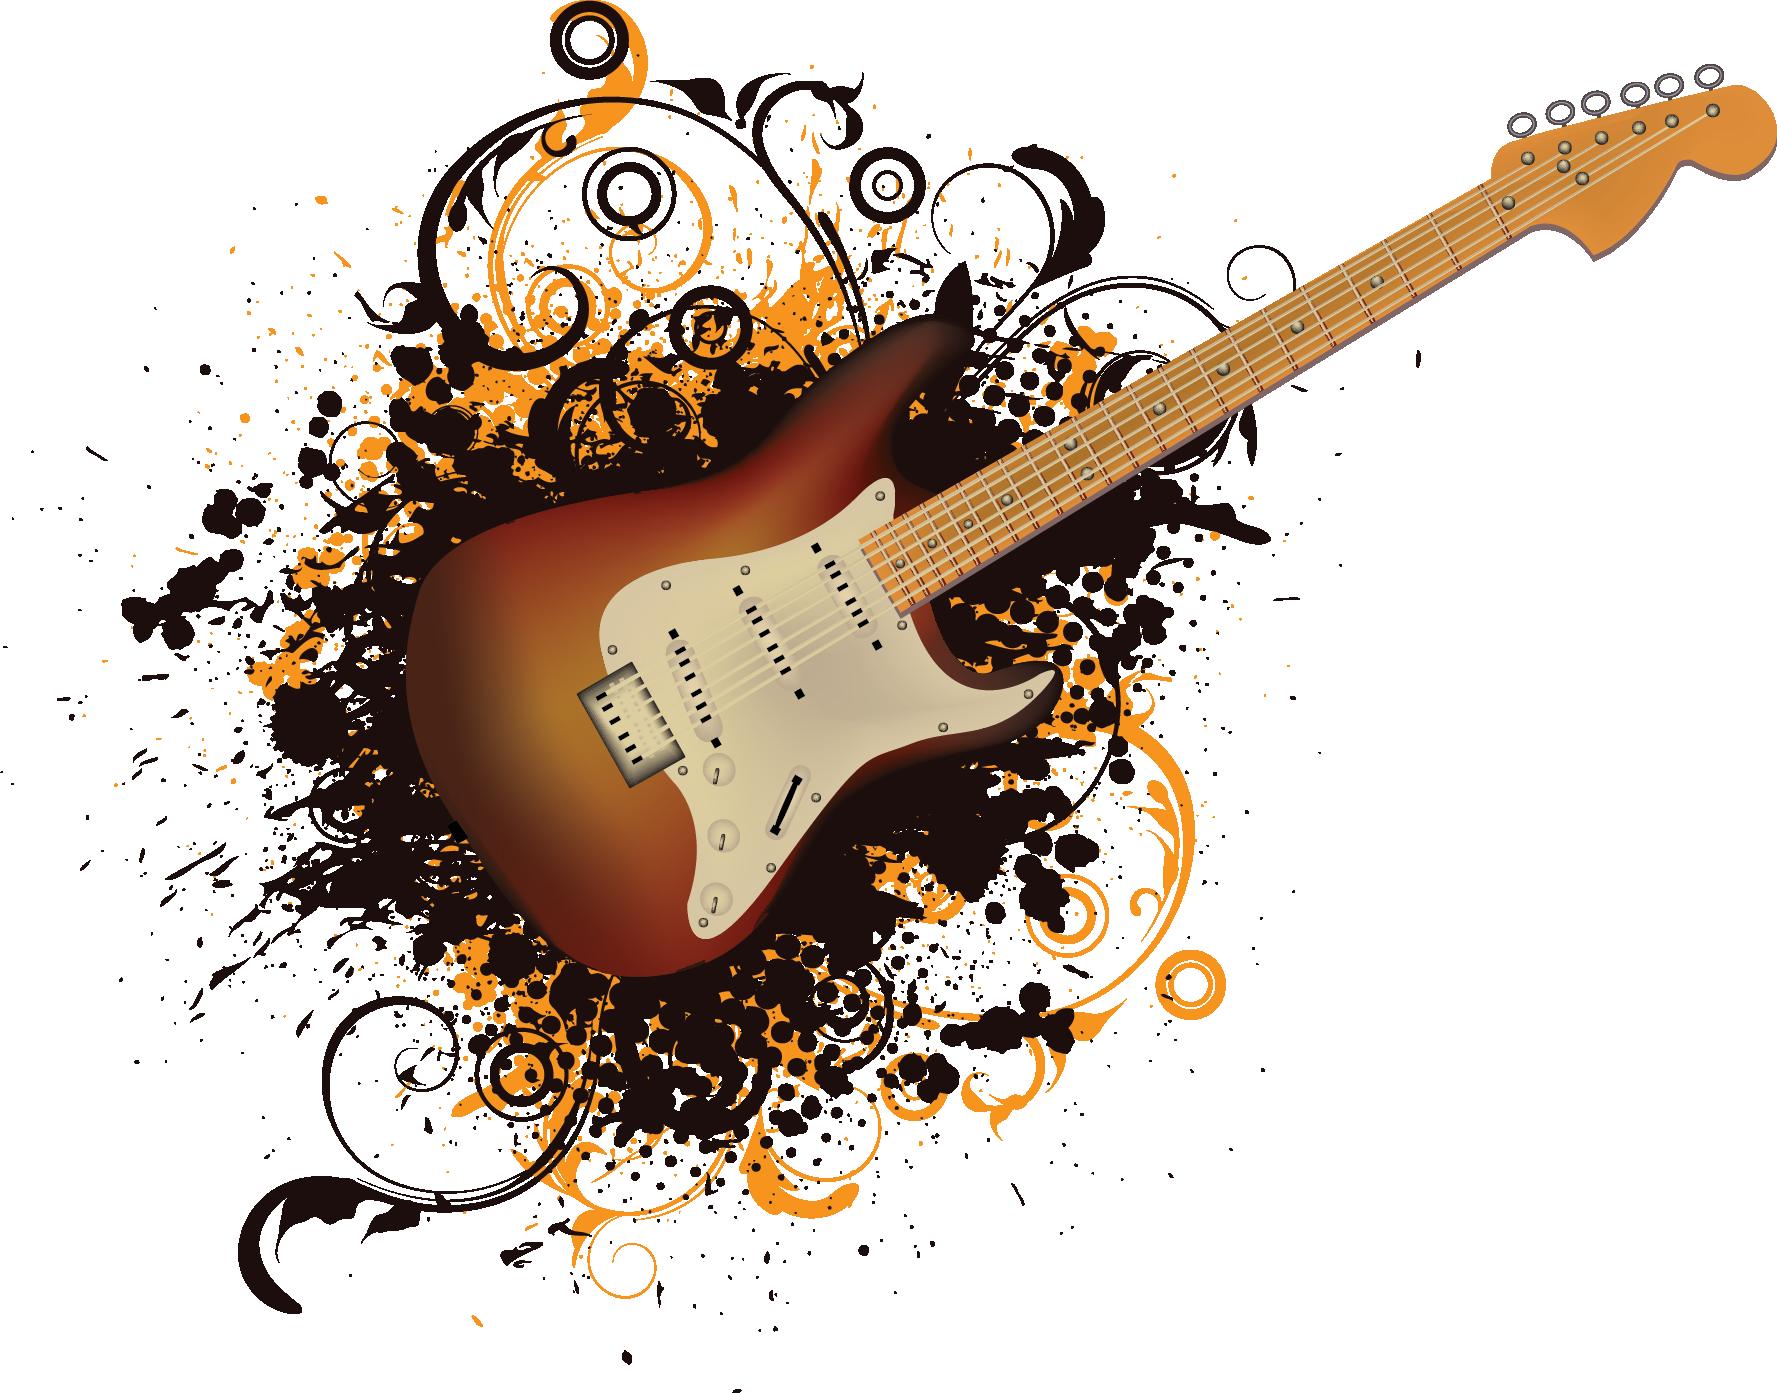 Rock-Guitar-PNG-Download-Image